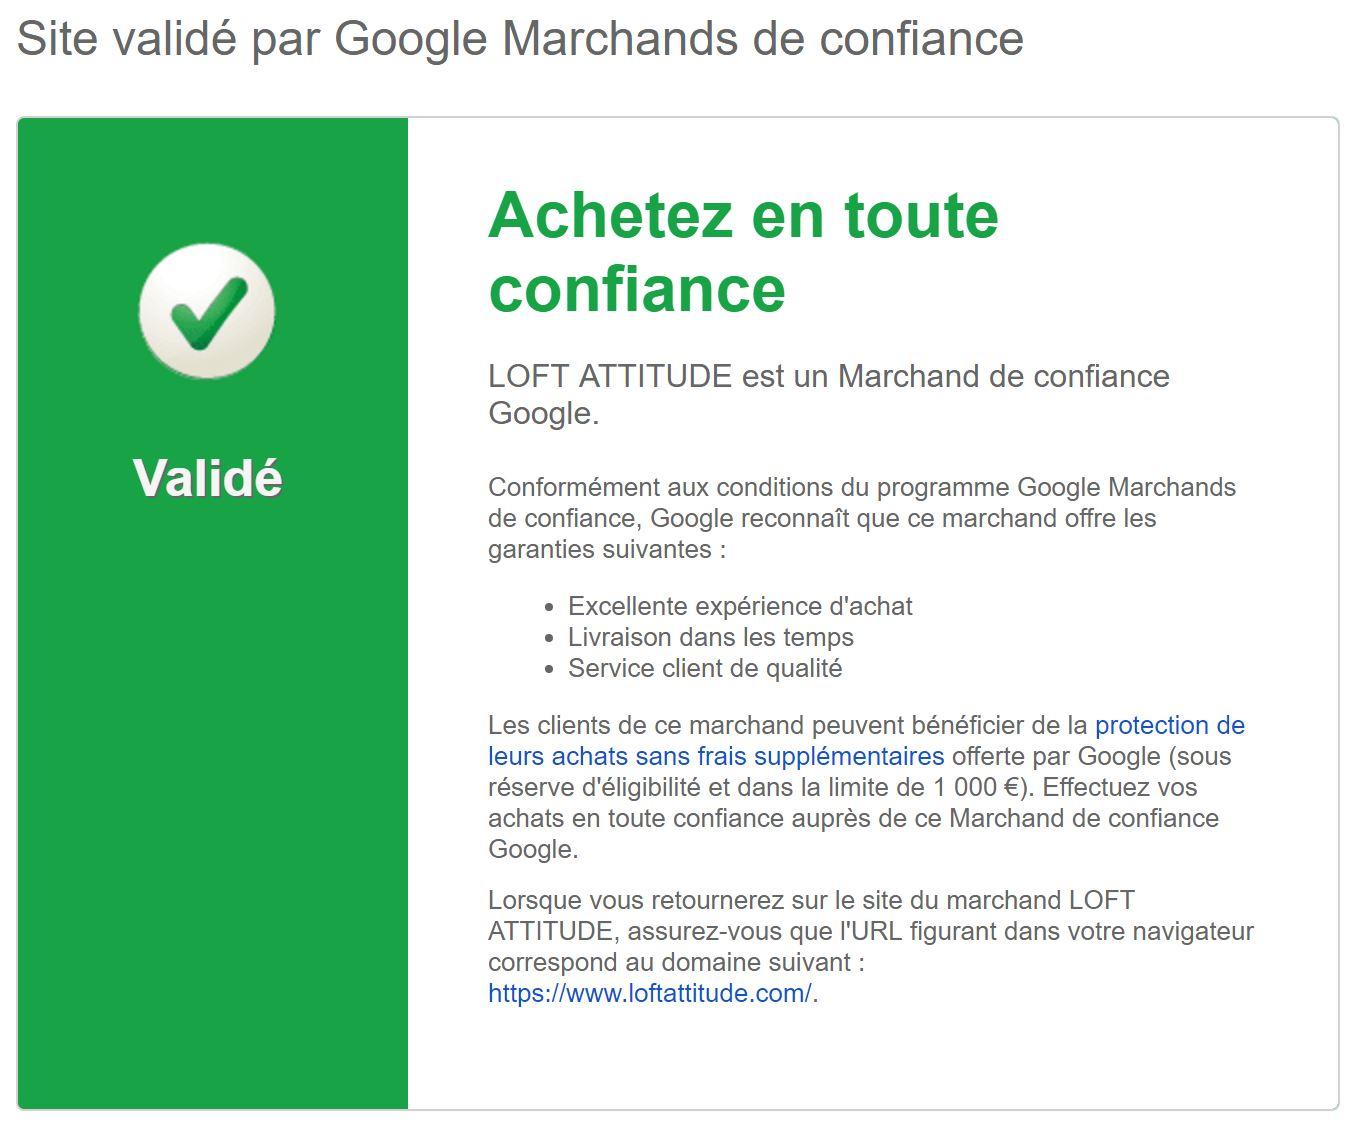 Loft Attitude marchand de confiance Google